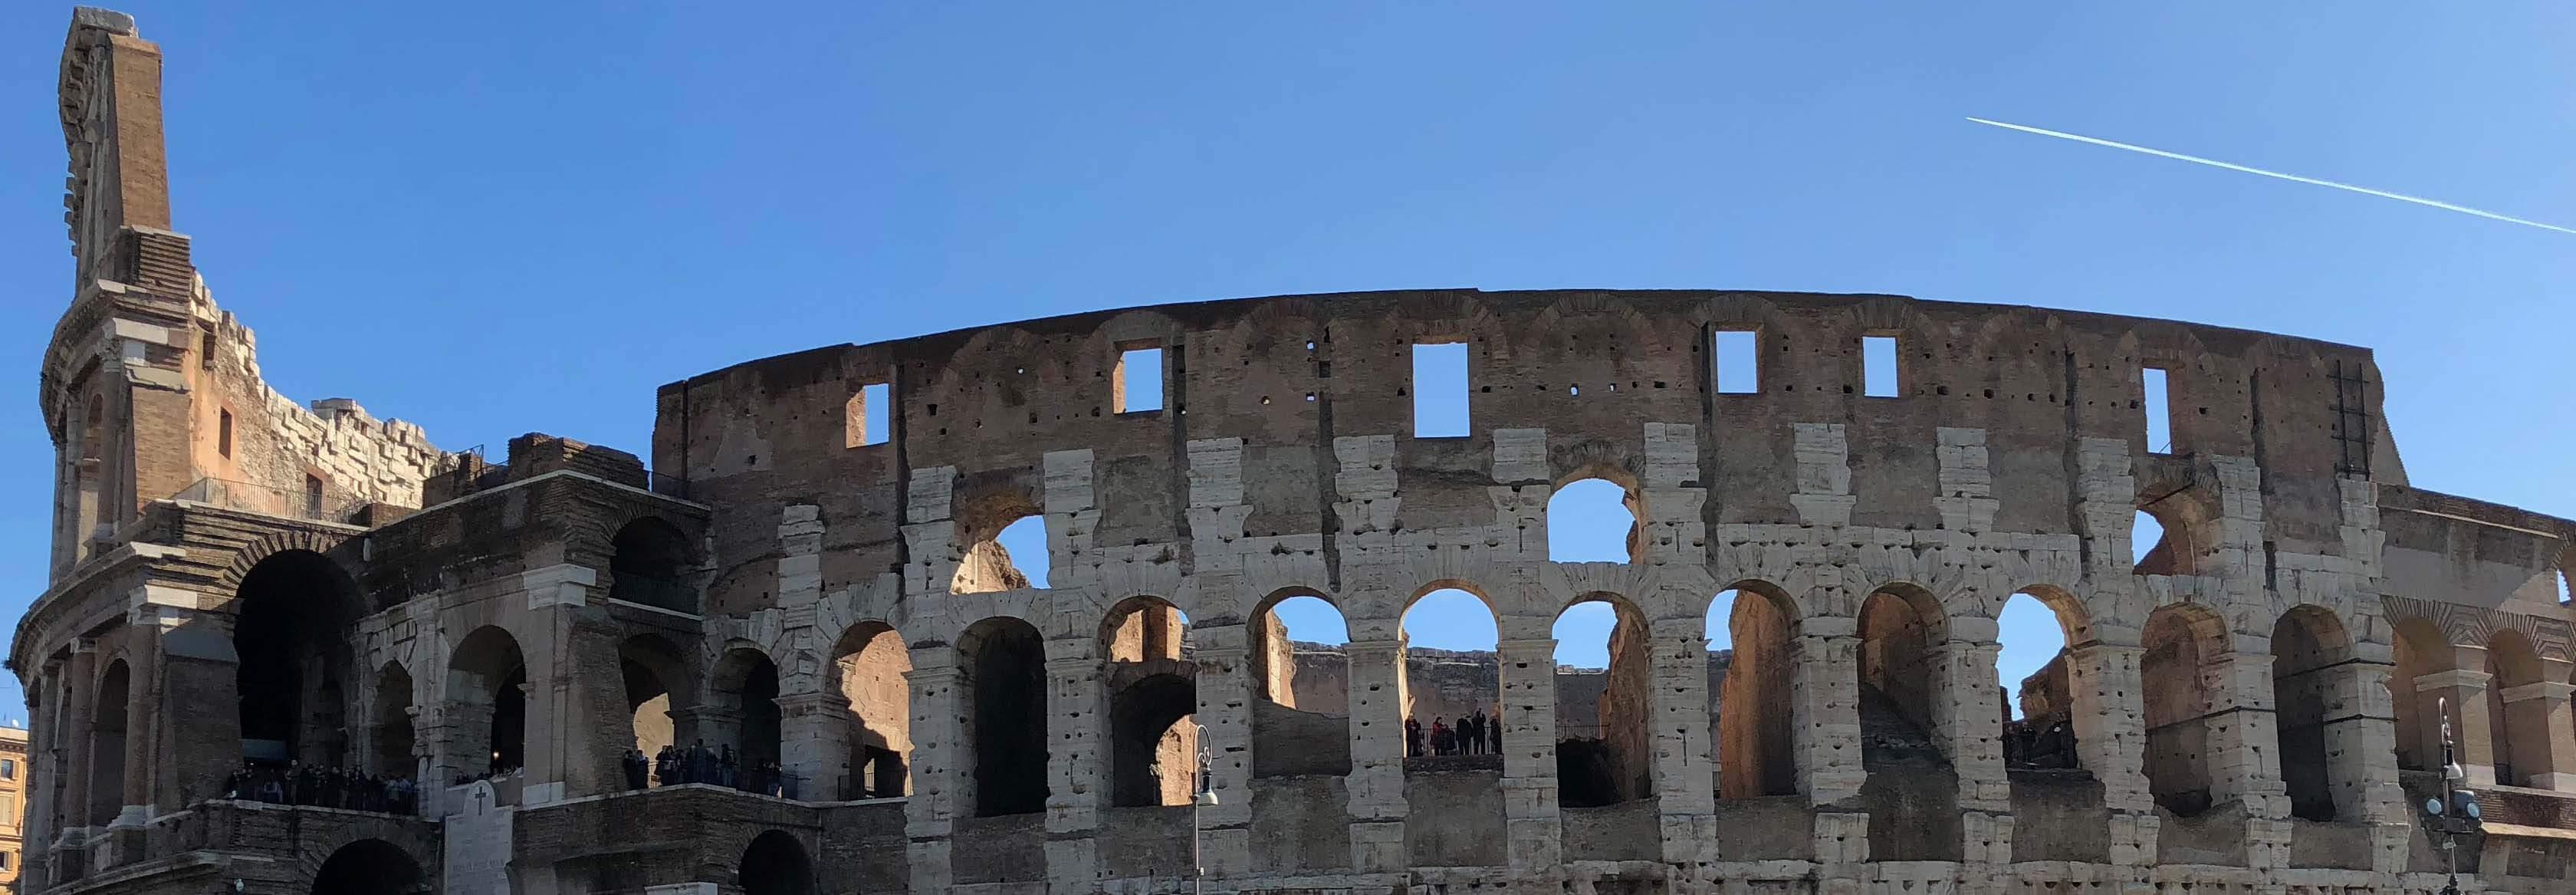 Rome-ing Around Rome